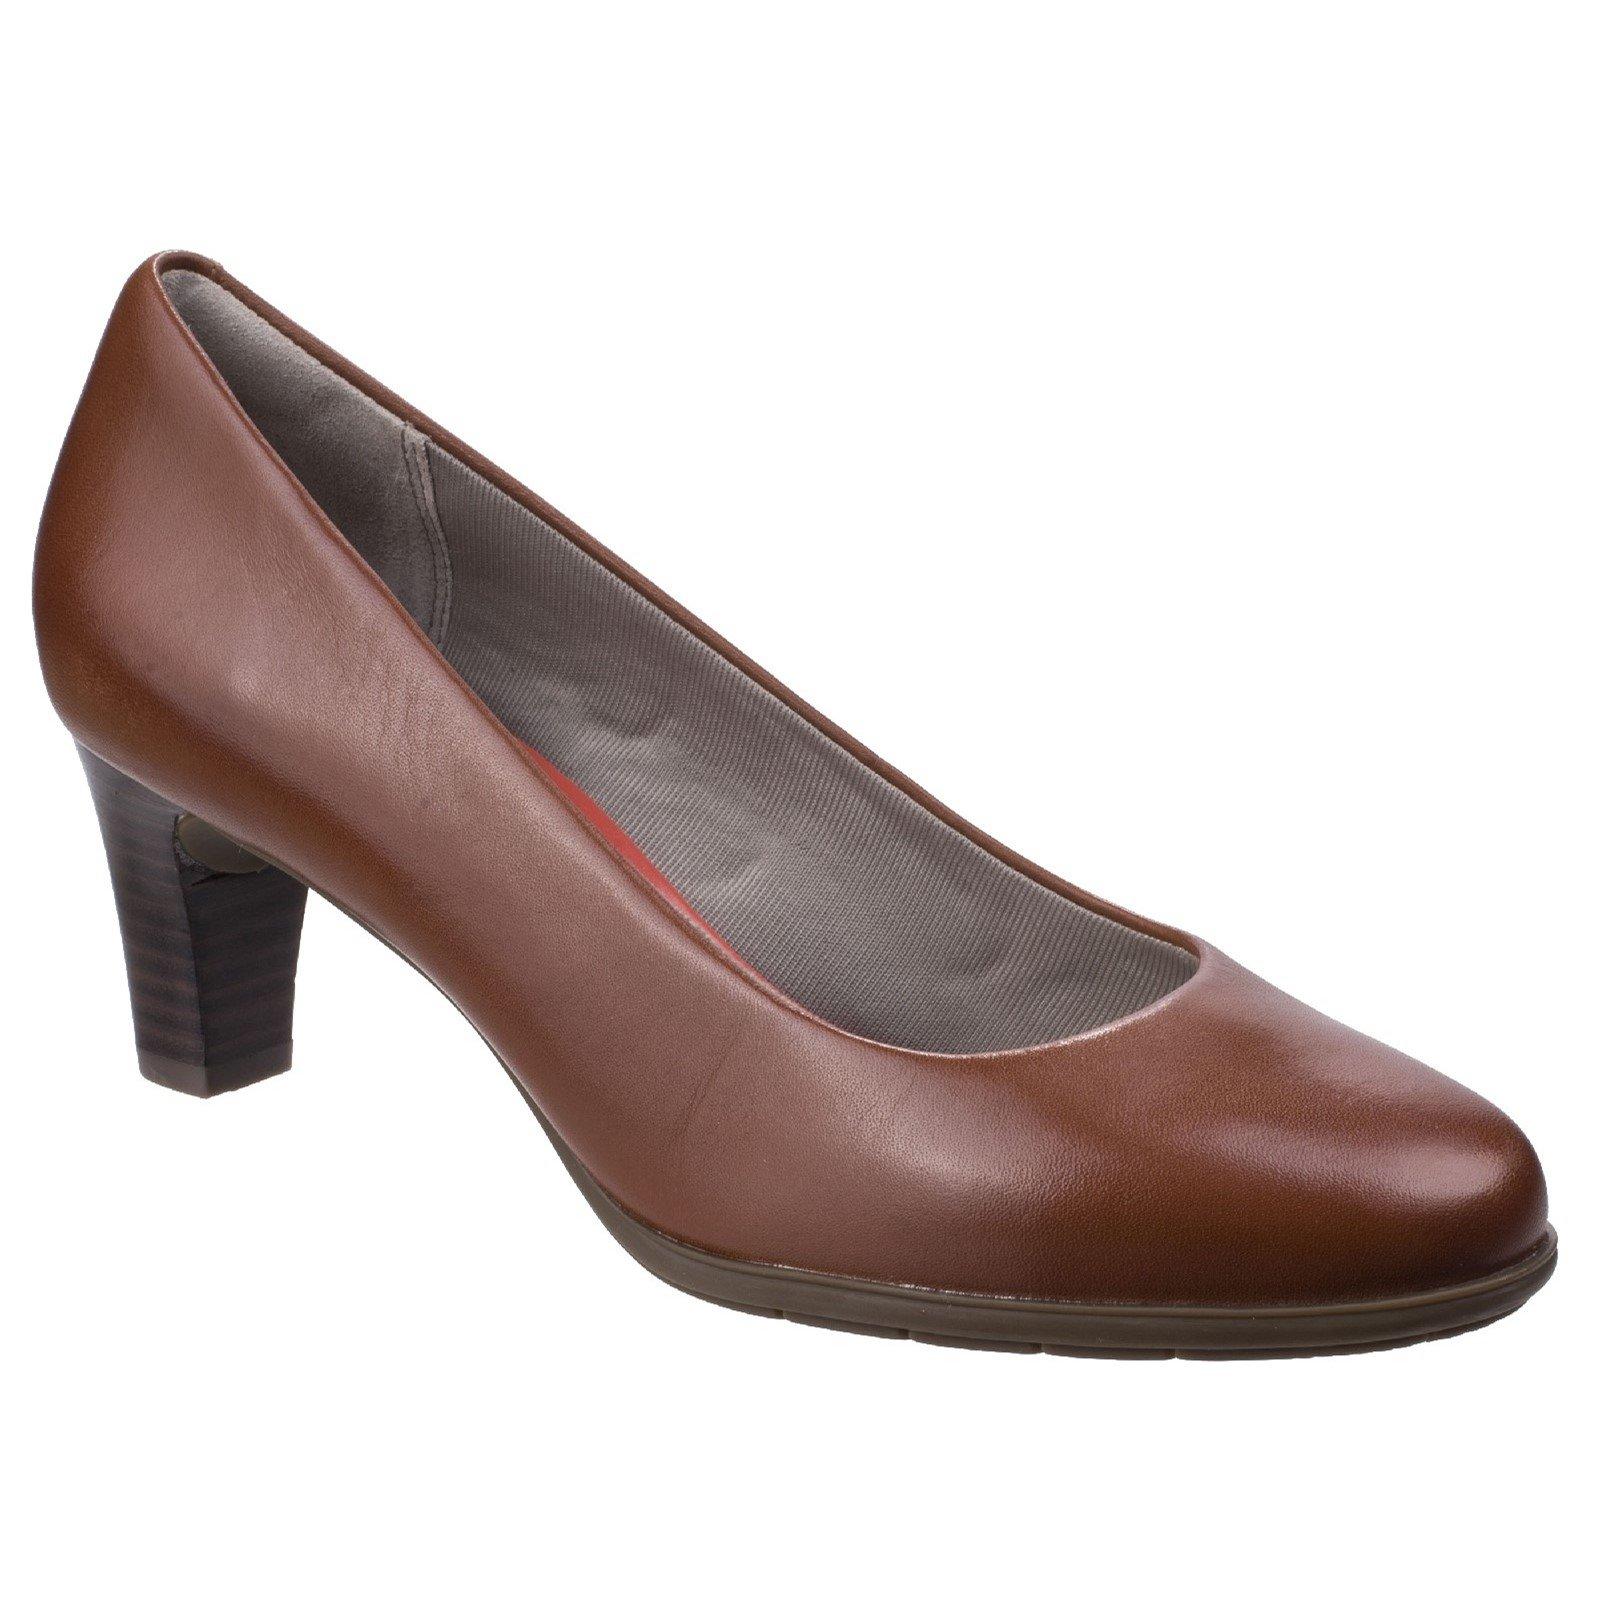 Rockport Women's Melora Plain Pump Shoe Various Colours 26349 - Alpaca 6